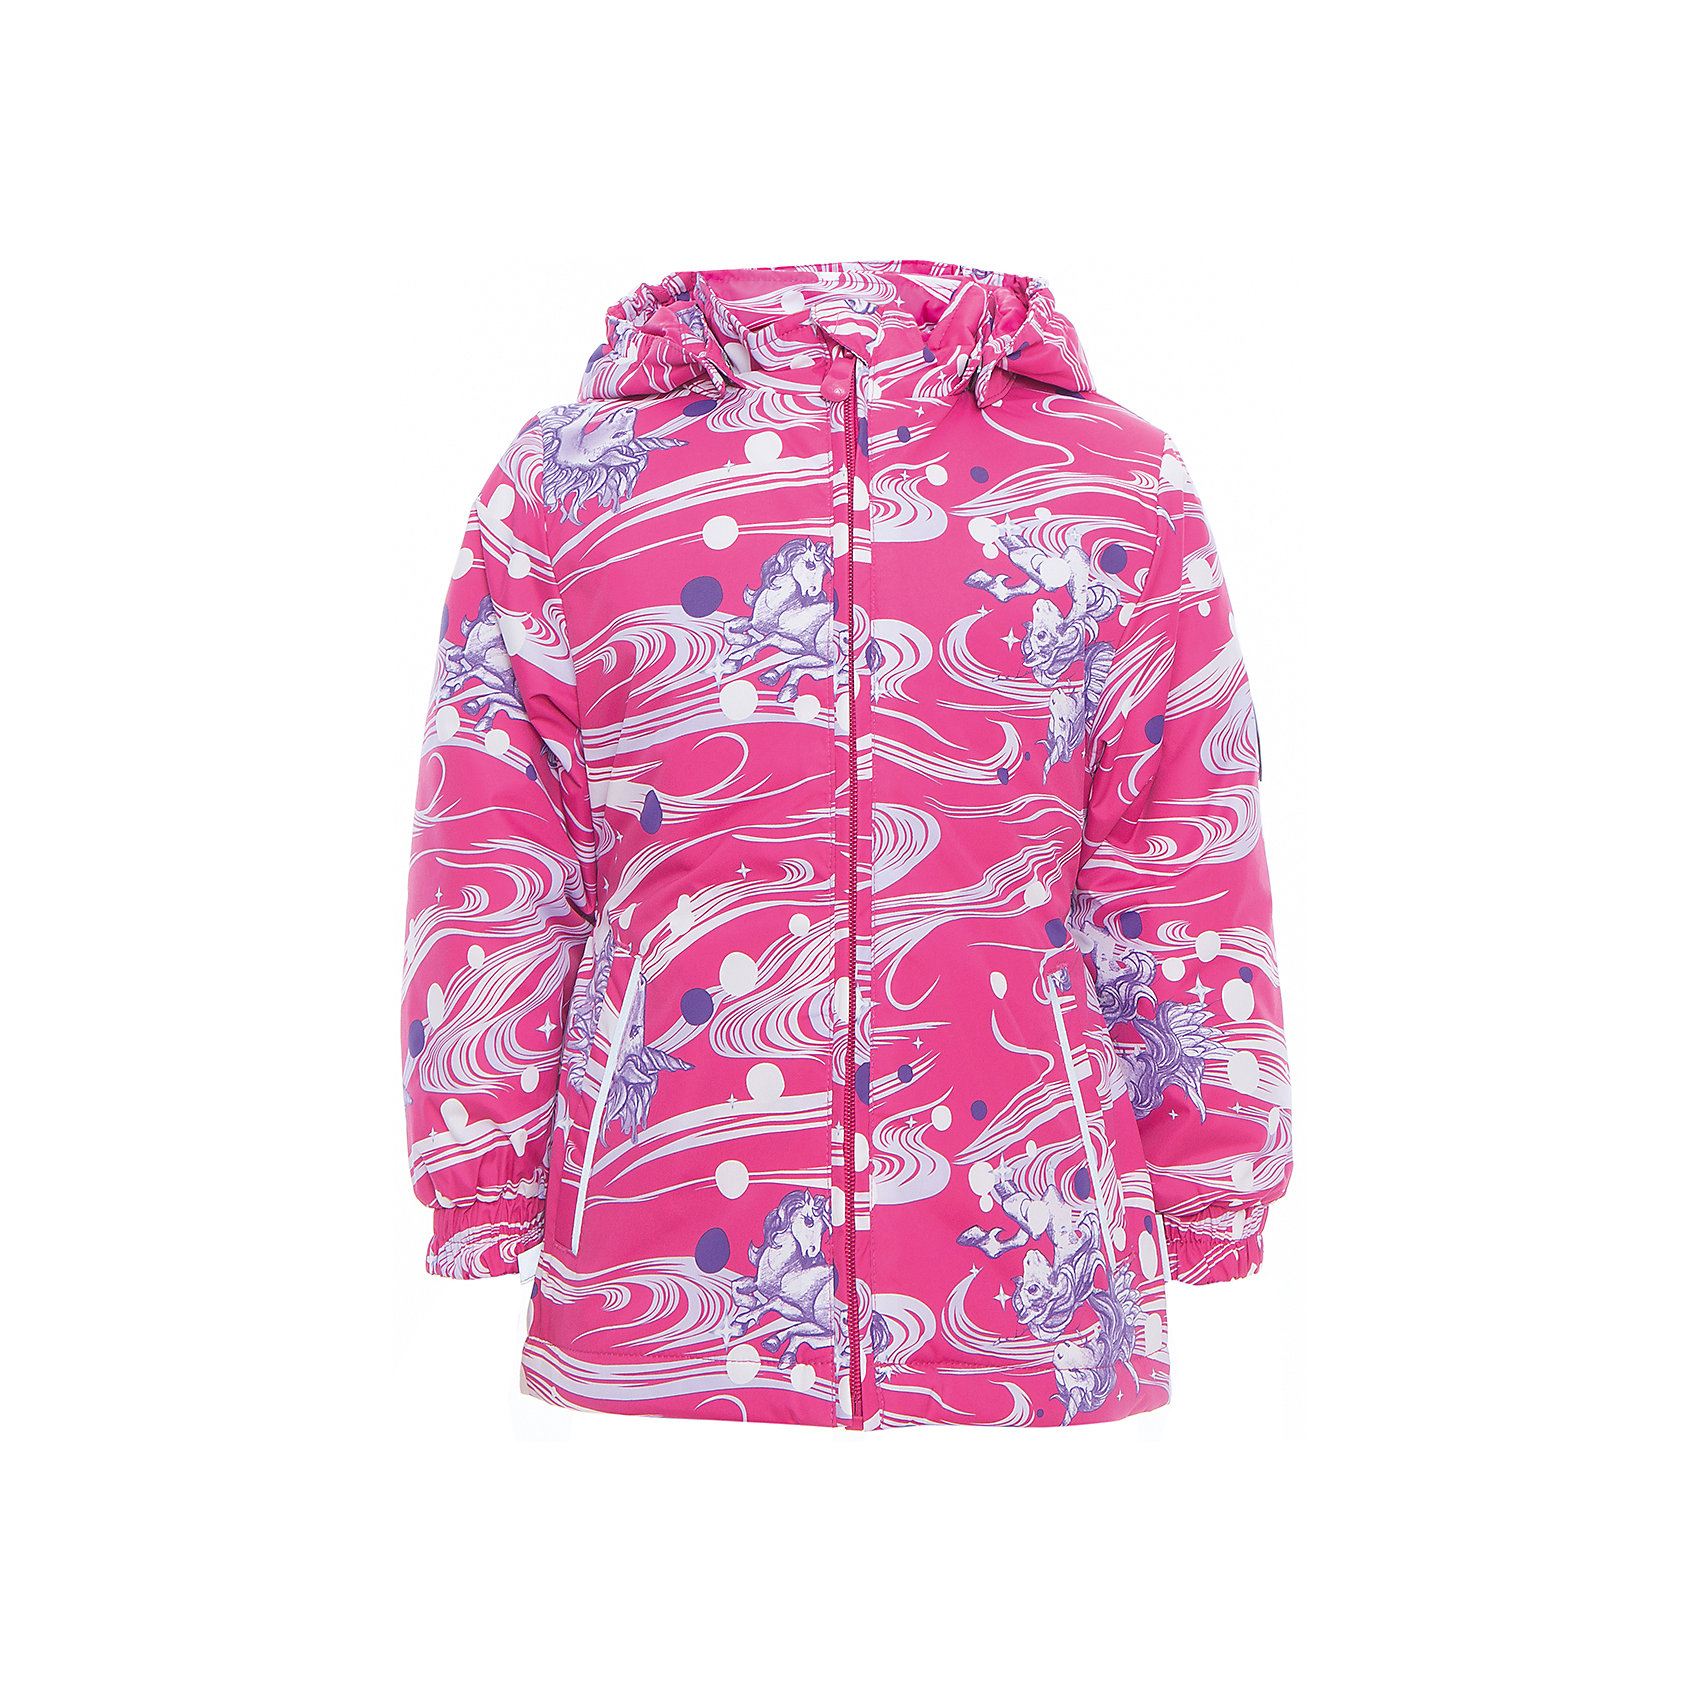 Куртка для девочки JOLY HuppaВерхняя одежда<br>Характеристики товара:<br><br>• цвет: фуксия принт<br>• ткань: 100% полиэстер<br>• подкладка: тафта - 100% полиэстер<br>• утеплитель: 100% полиэстер 100 г<br>• температурный режим: от -5°С до +10°С<br>• водонепроницаемость: 5000 мм<br>• воздухопроницаемость: 5000 мм<br>• светоотражающие детали<br>• эластичные манжеты<br>• молния<br>• съёмный капюшон с резинкой<br>• карманы<br>• комфортная посадка<br>• коллекция: весна-лето 2017<br>• страна бренда: Эстония<br><br>Такая легкая и стильная куртка обеспечит детям тепло и комфорт. Она сделана из материала, отталкивающего воду, и дополнено подкладкой с утеплителем, поэтому изделие идеально подходит для межсезонья. Материал изделия - с мембранной технологией: защищая от влаги и ветра, он легко выводит лишнюю влагу наружу. Для удобства сделан капюшон. Куртка очень симпатично смотрится, яркая расцветка и крой добавляют ему оригинальности. Модель была разработана специально для детей.<br><br>Одежда и обувь от популярного эстонского бренда Huppa - отличный вариант одеть ребенка можно и комфортно. Вещи, выпускаемые компанией, качественные, продуманные и очень удобные. Для производства изделий используются только безопасные для детей материалы. Продукция от Huppa порадует и детей, и их родителей!<br><br>Куртку для девочки JOLY от бренда Huppa (Хуппа) можно купить в нашем интернет-магазине.<br><br>Ширина мм: 356<br>Глубина мм: 10<br>Высота мм: 245<br>Вес г: 519<br>Цвет: фиолетовый<br>Возраст от месяцев: 96<br>Возраст до месяцев: 108<br>Пол: Женский<br>Возраст: Детский<br>Размер: 134,92,98,104,110,116,122,128<br>SKU: 5346820